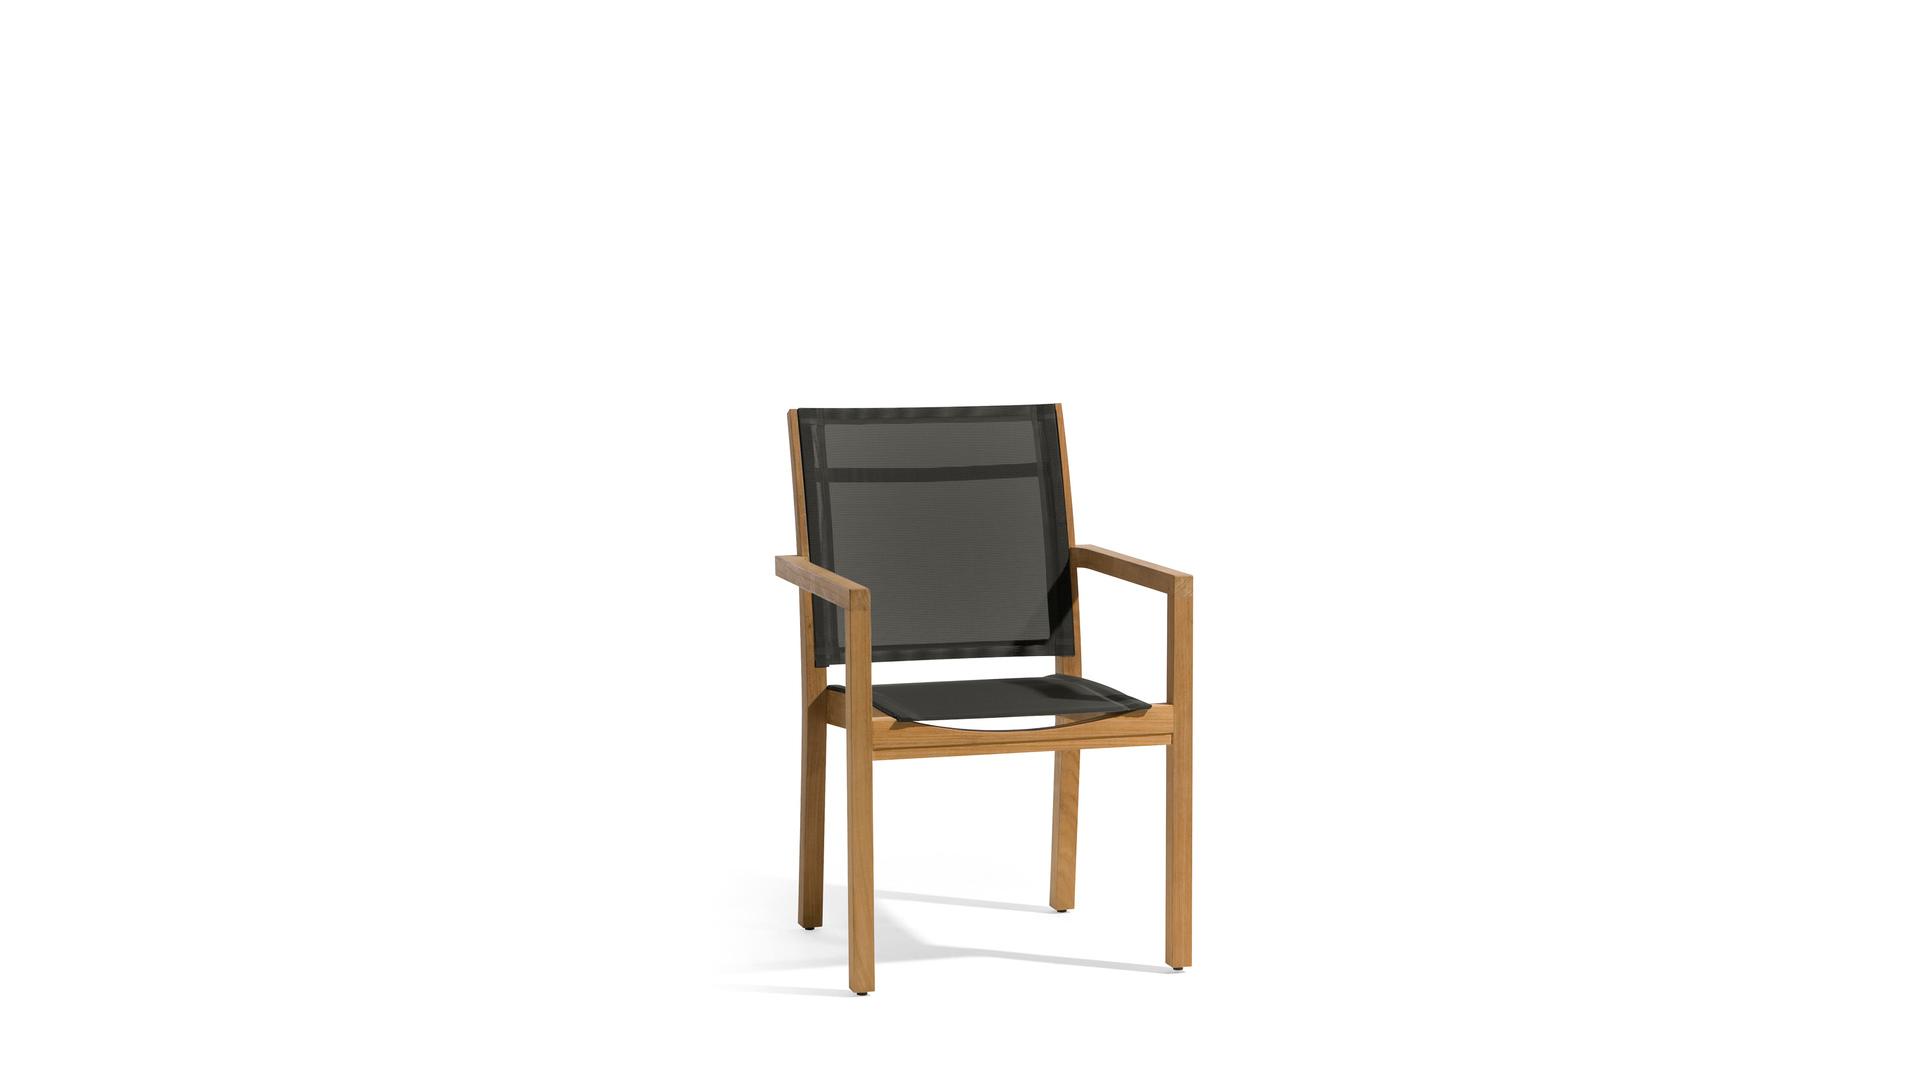 14 chair textiles.jpg